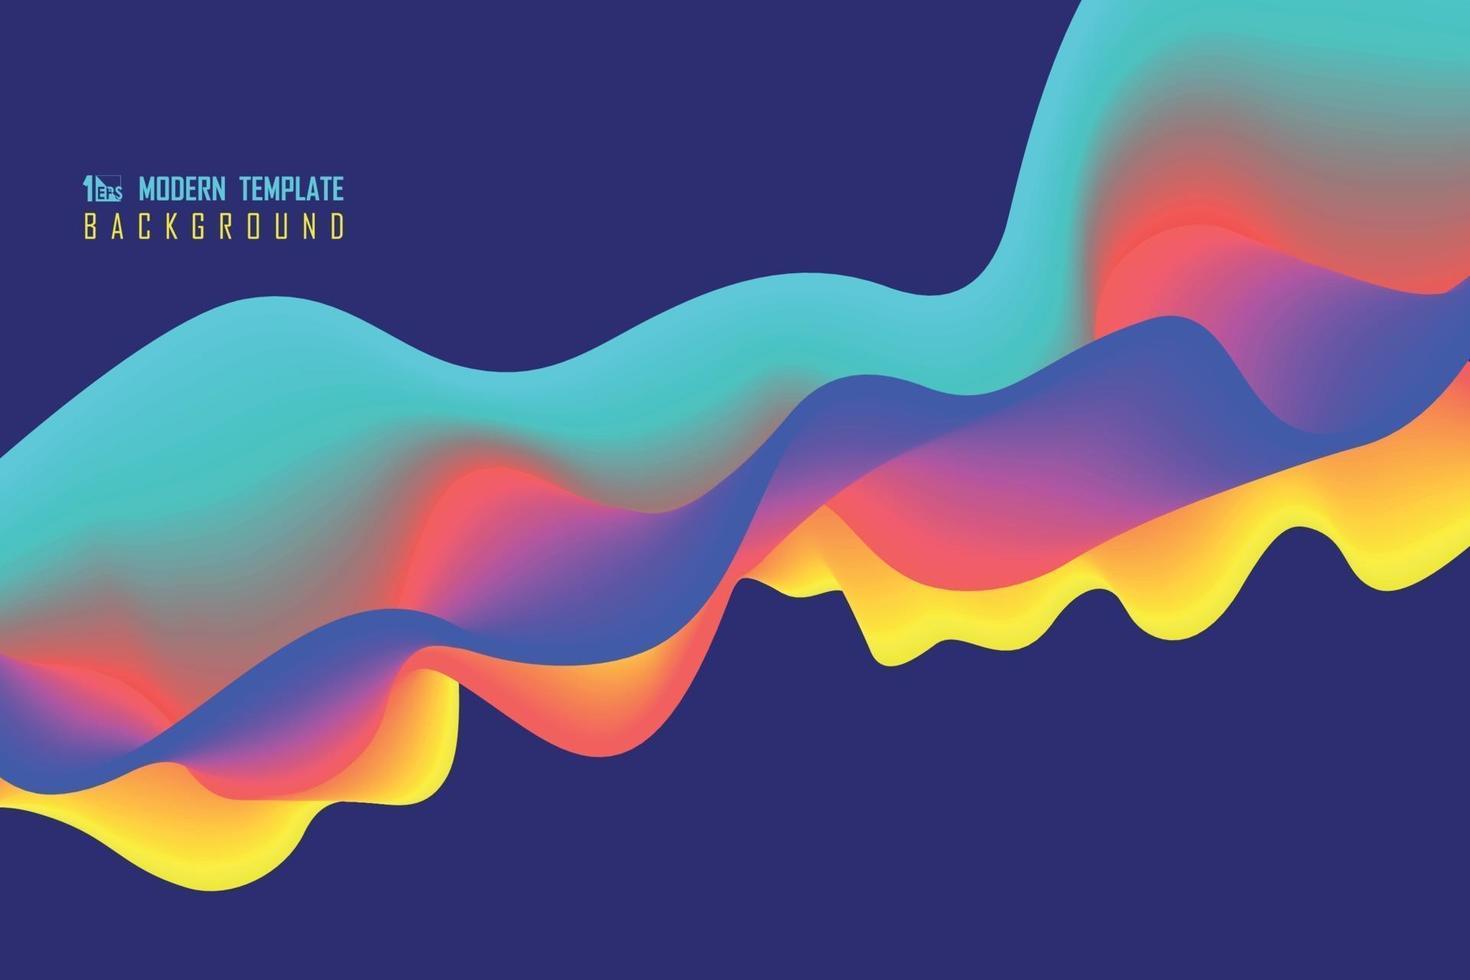 disegno ondulato colorato astratto di sfondo movimento decorazione. illustrazione vettoriale